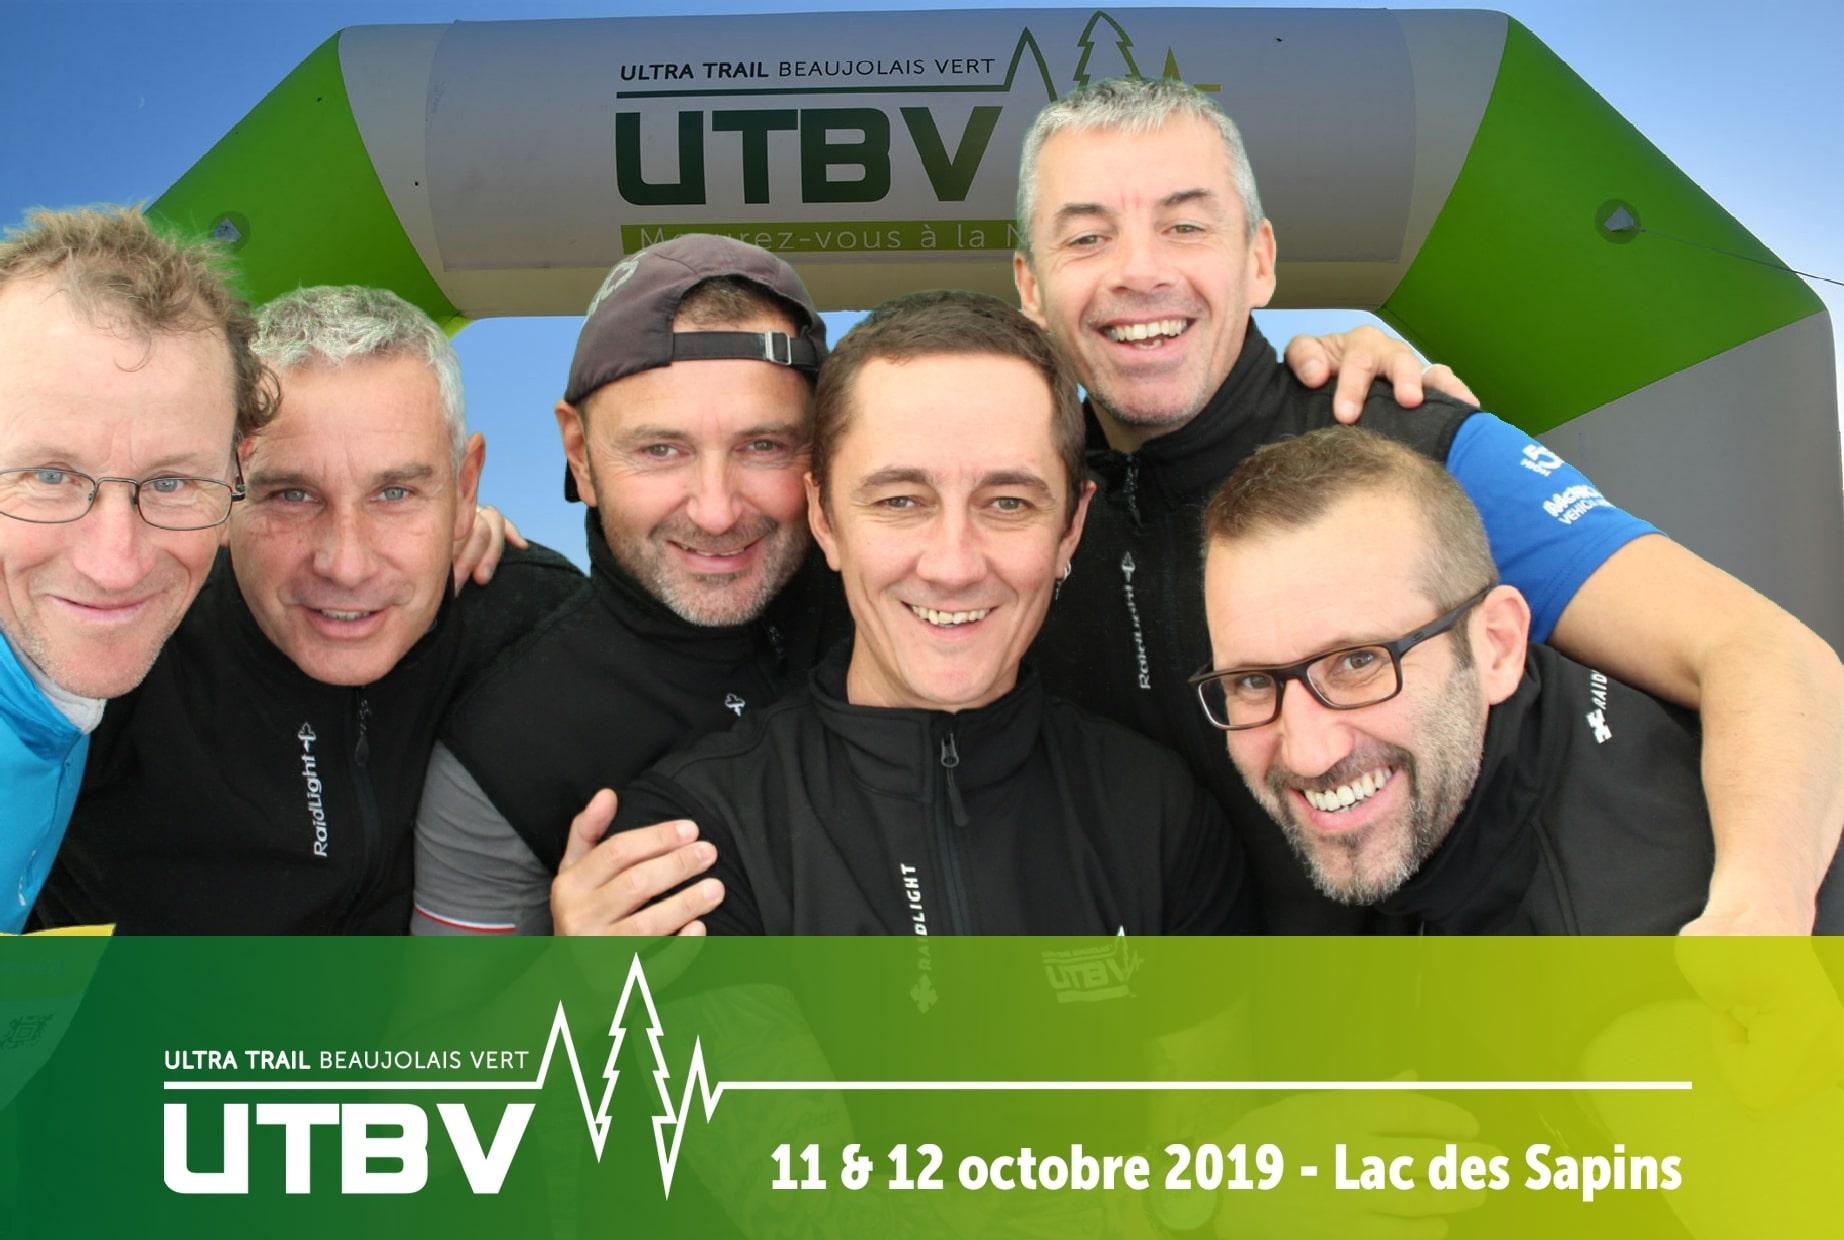 Borne photo animation selfie à l'Urban Trail Beaujolais Vert 2019 au lac des sapins dans le Rhône pour les participants et visiteurs